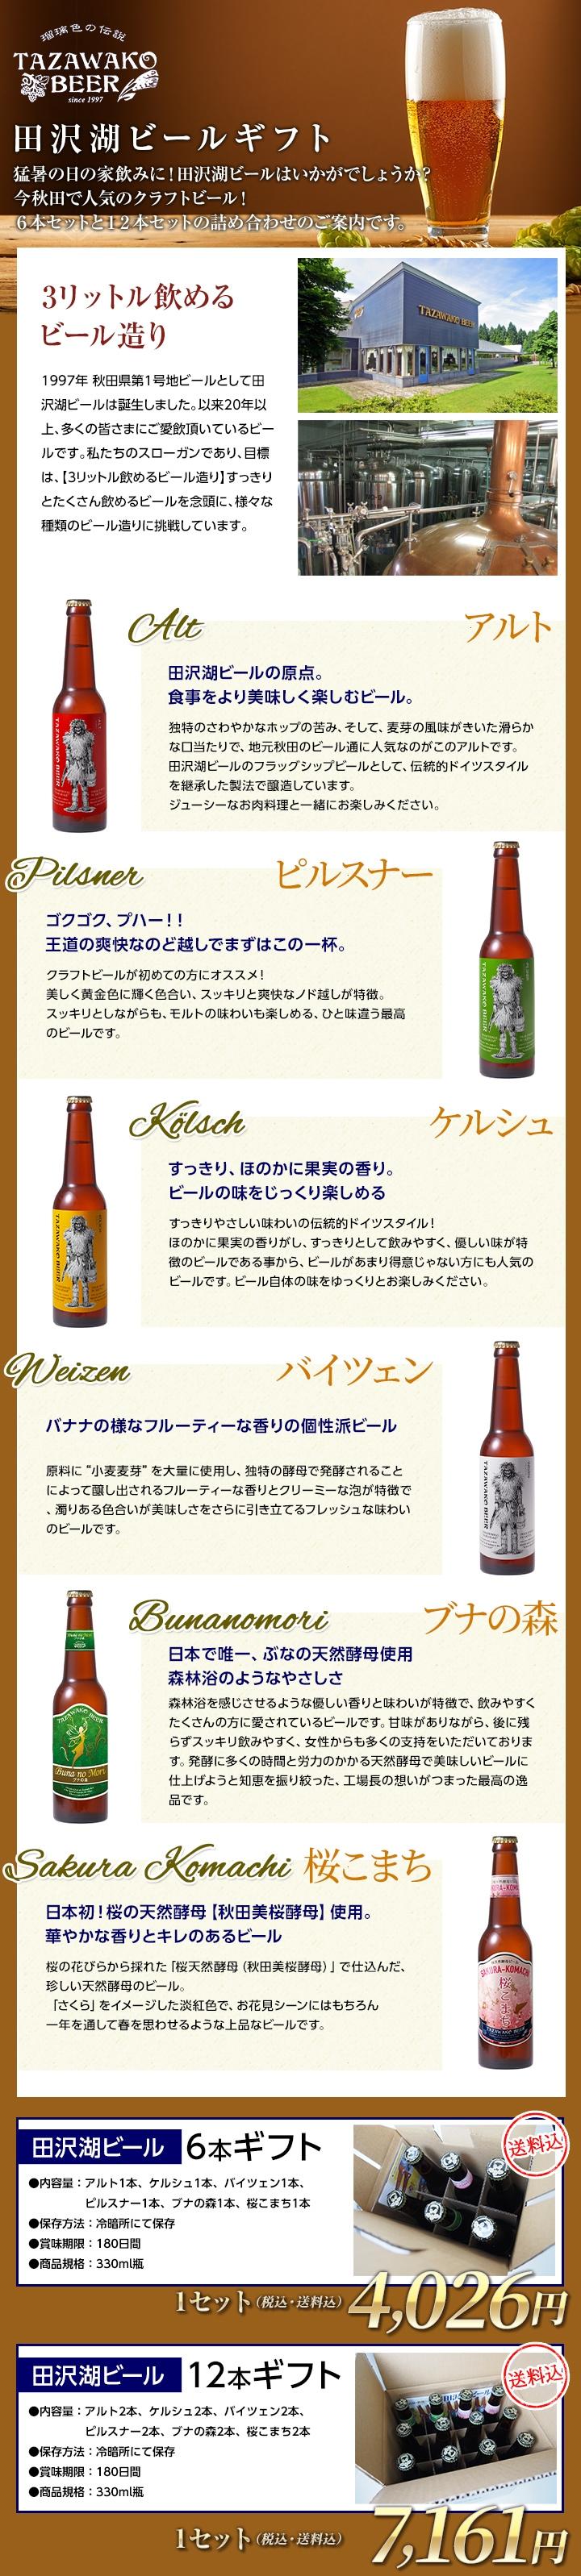 田沢湖ビールギフト ★送料込★